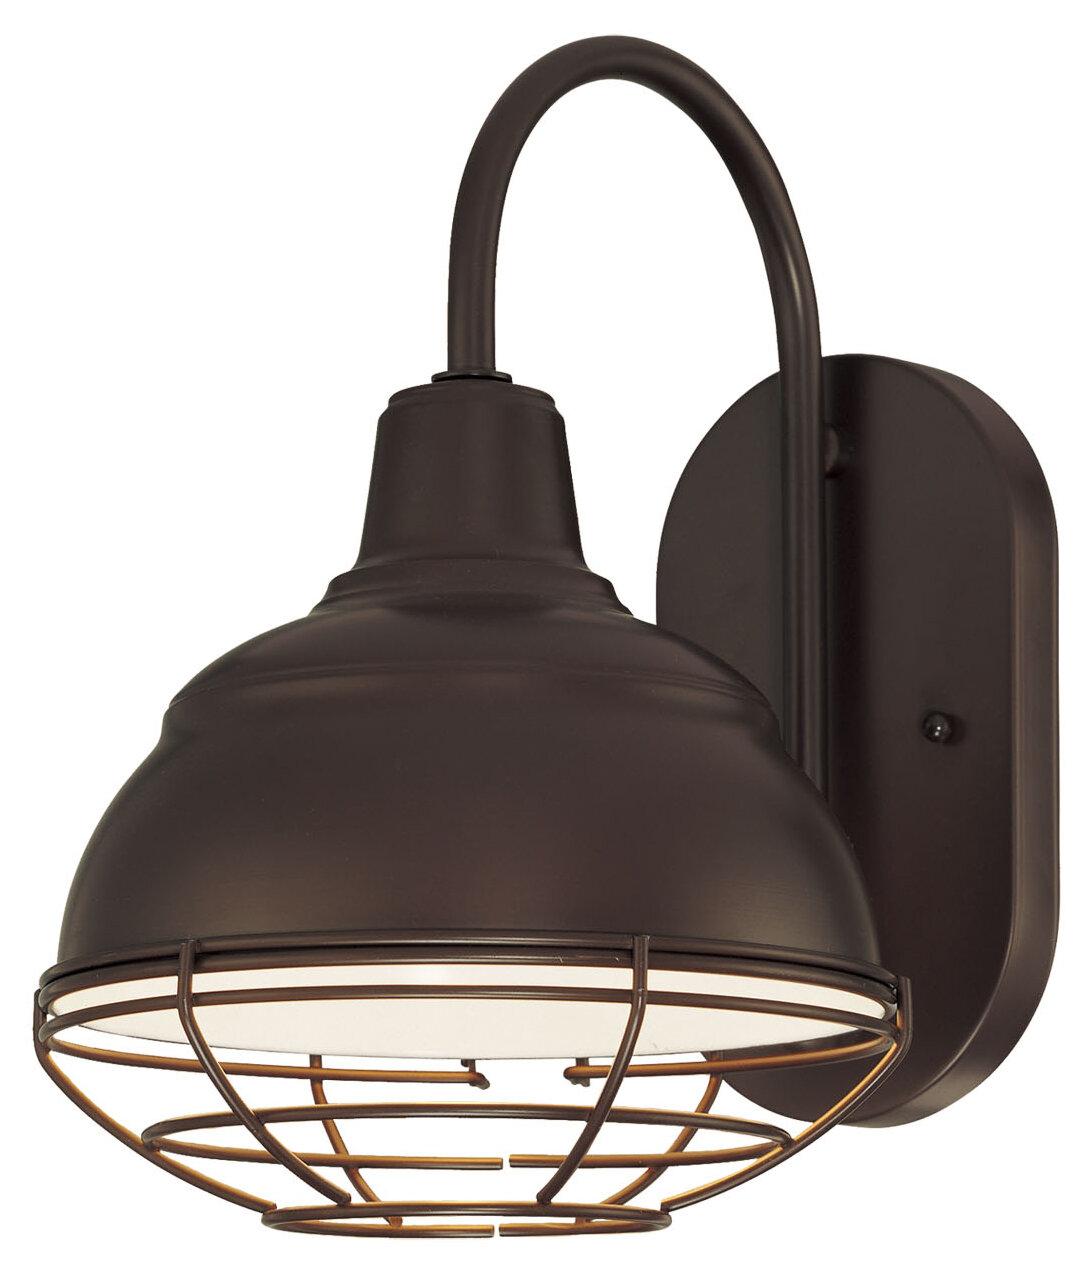 Fitzhugh Modern 1 Bulb 11 5 H Outdoor Barn Light Reviews